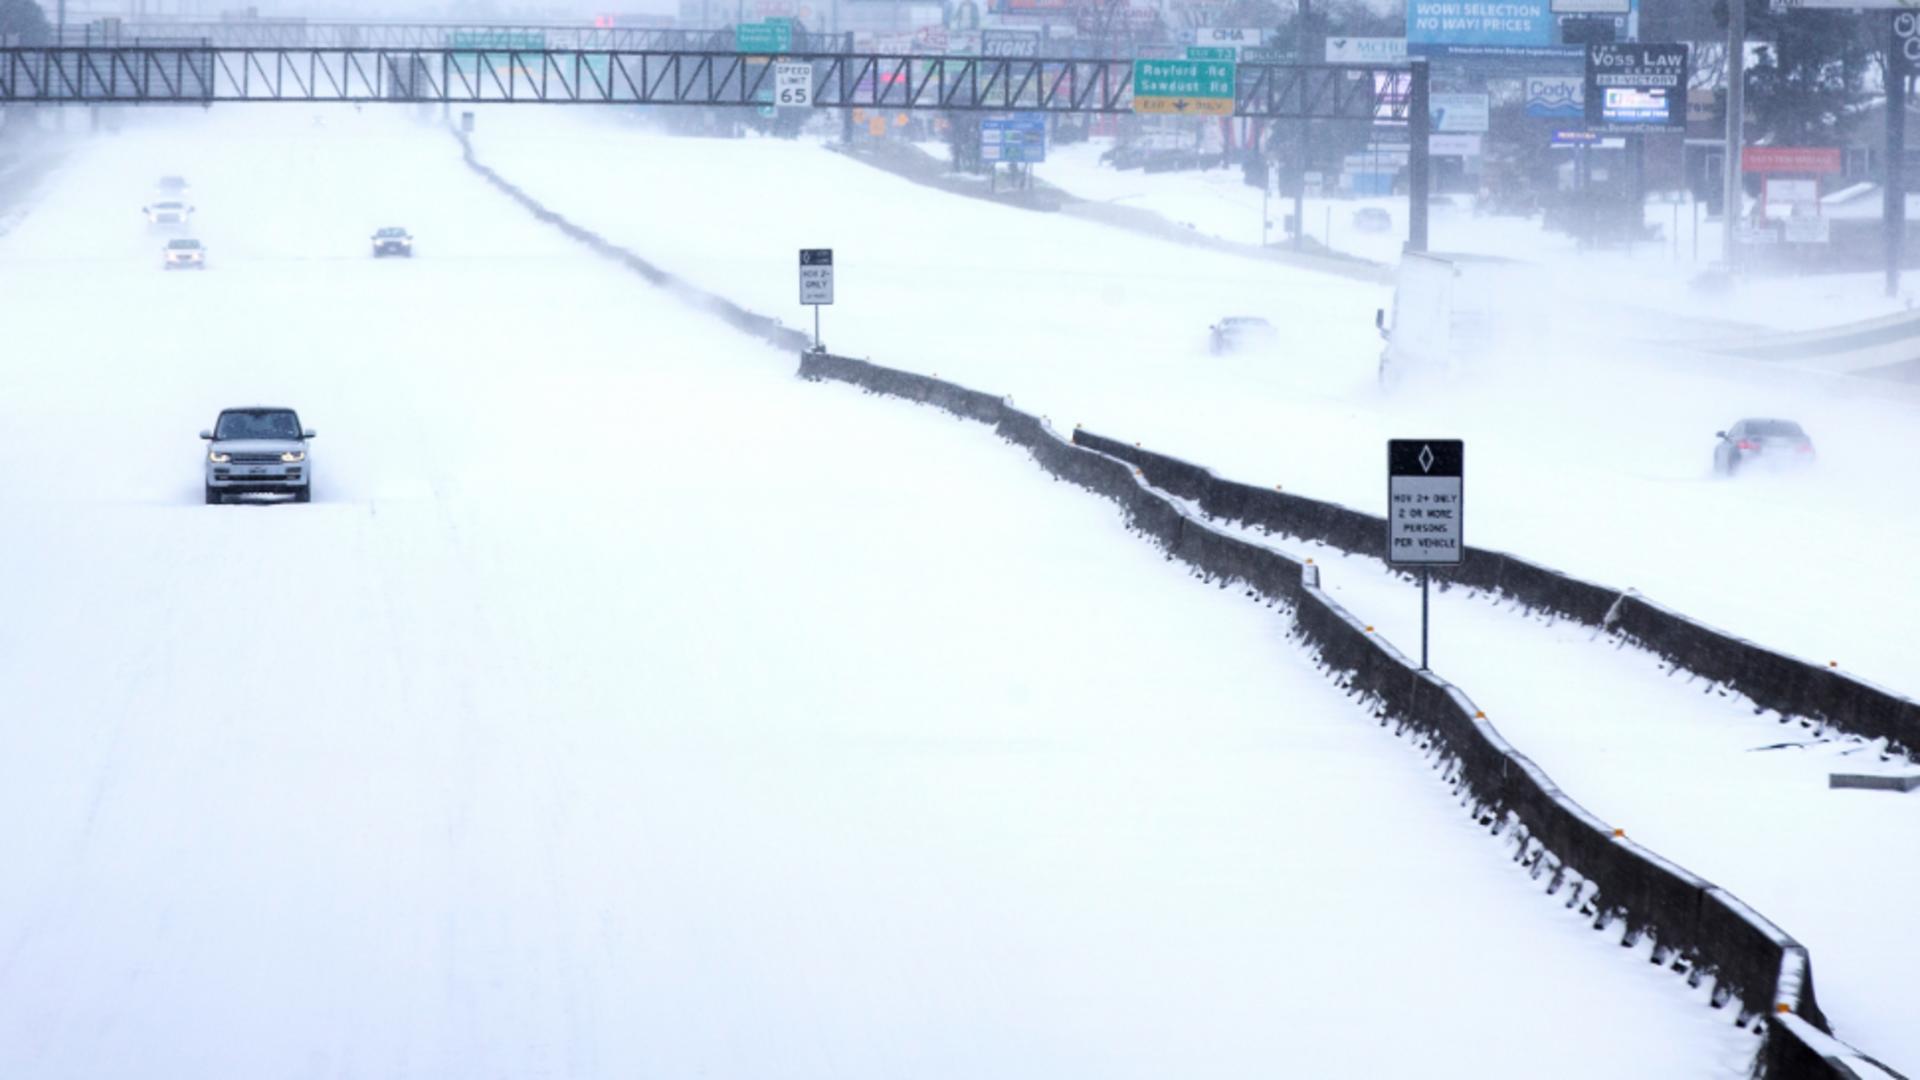 Iarna in Texas